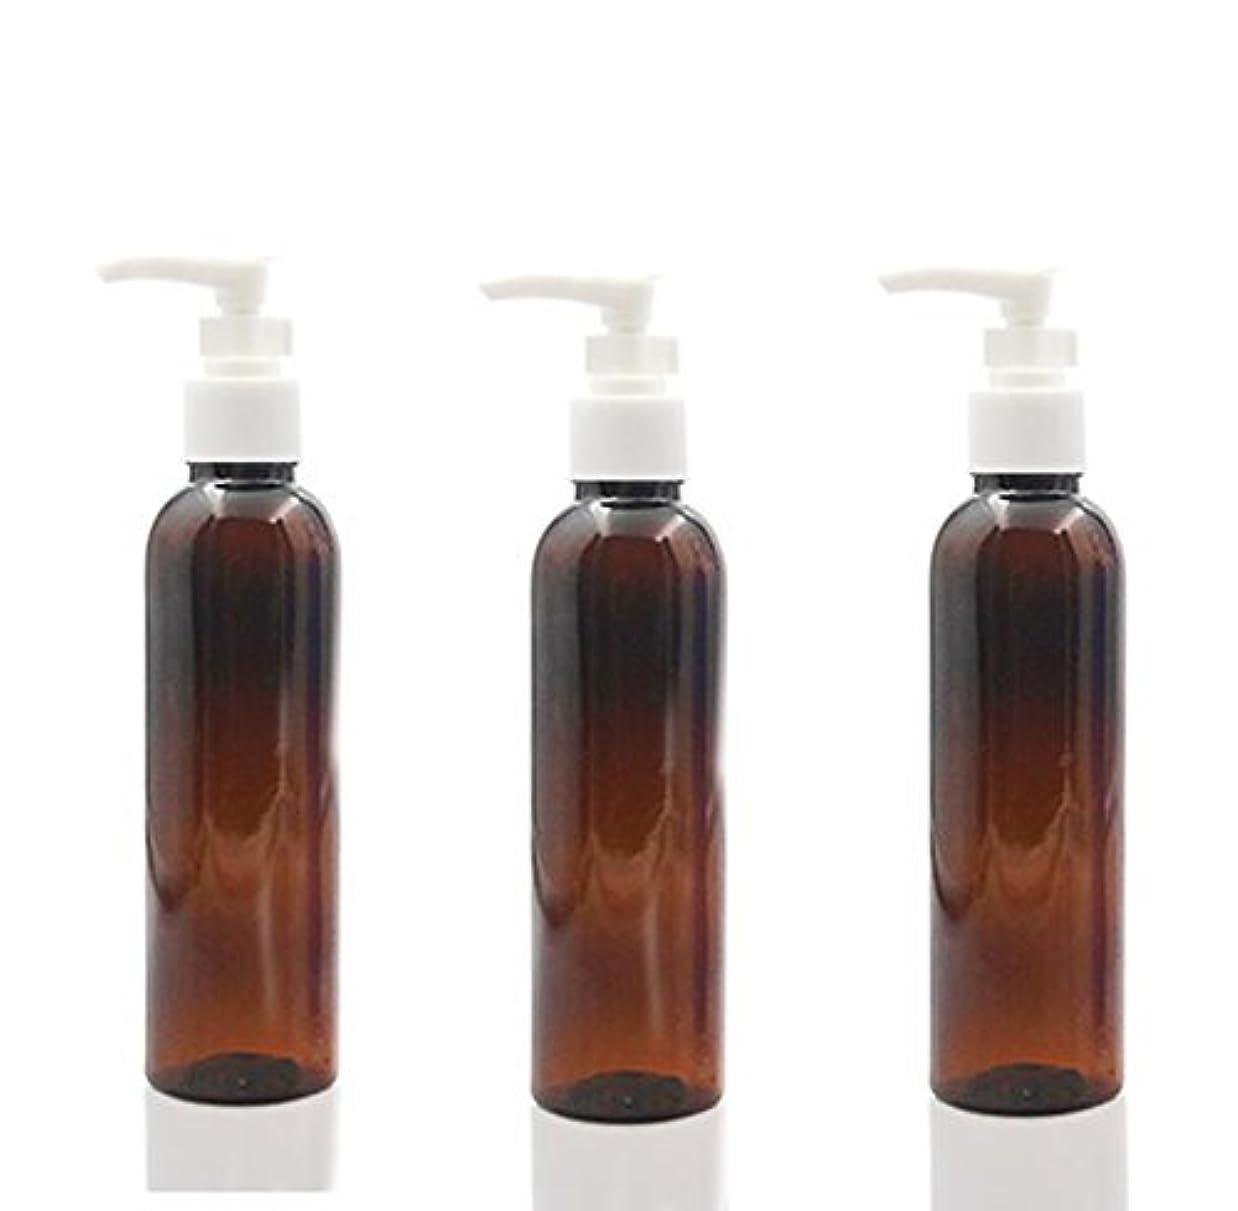 農村旅戸惑う3PCS 150ml Plastic Round Pump Bottles for Cooking Sauces Essential Oils Lotions Liquid Soaps or Organic Beauty...